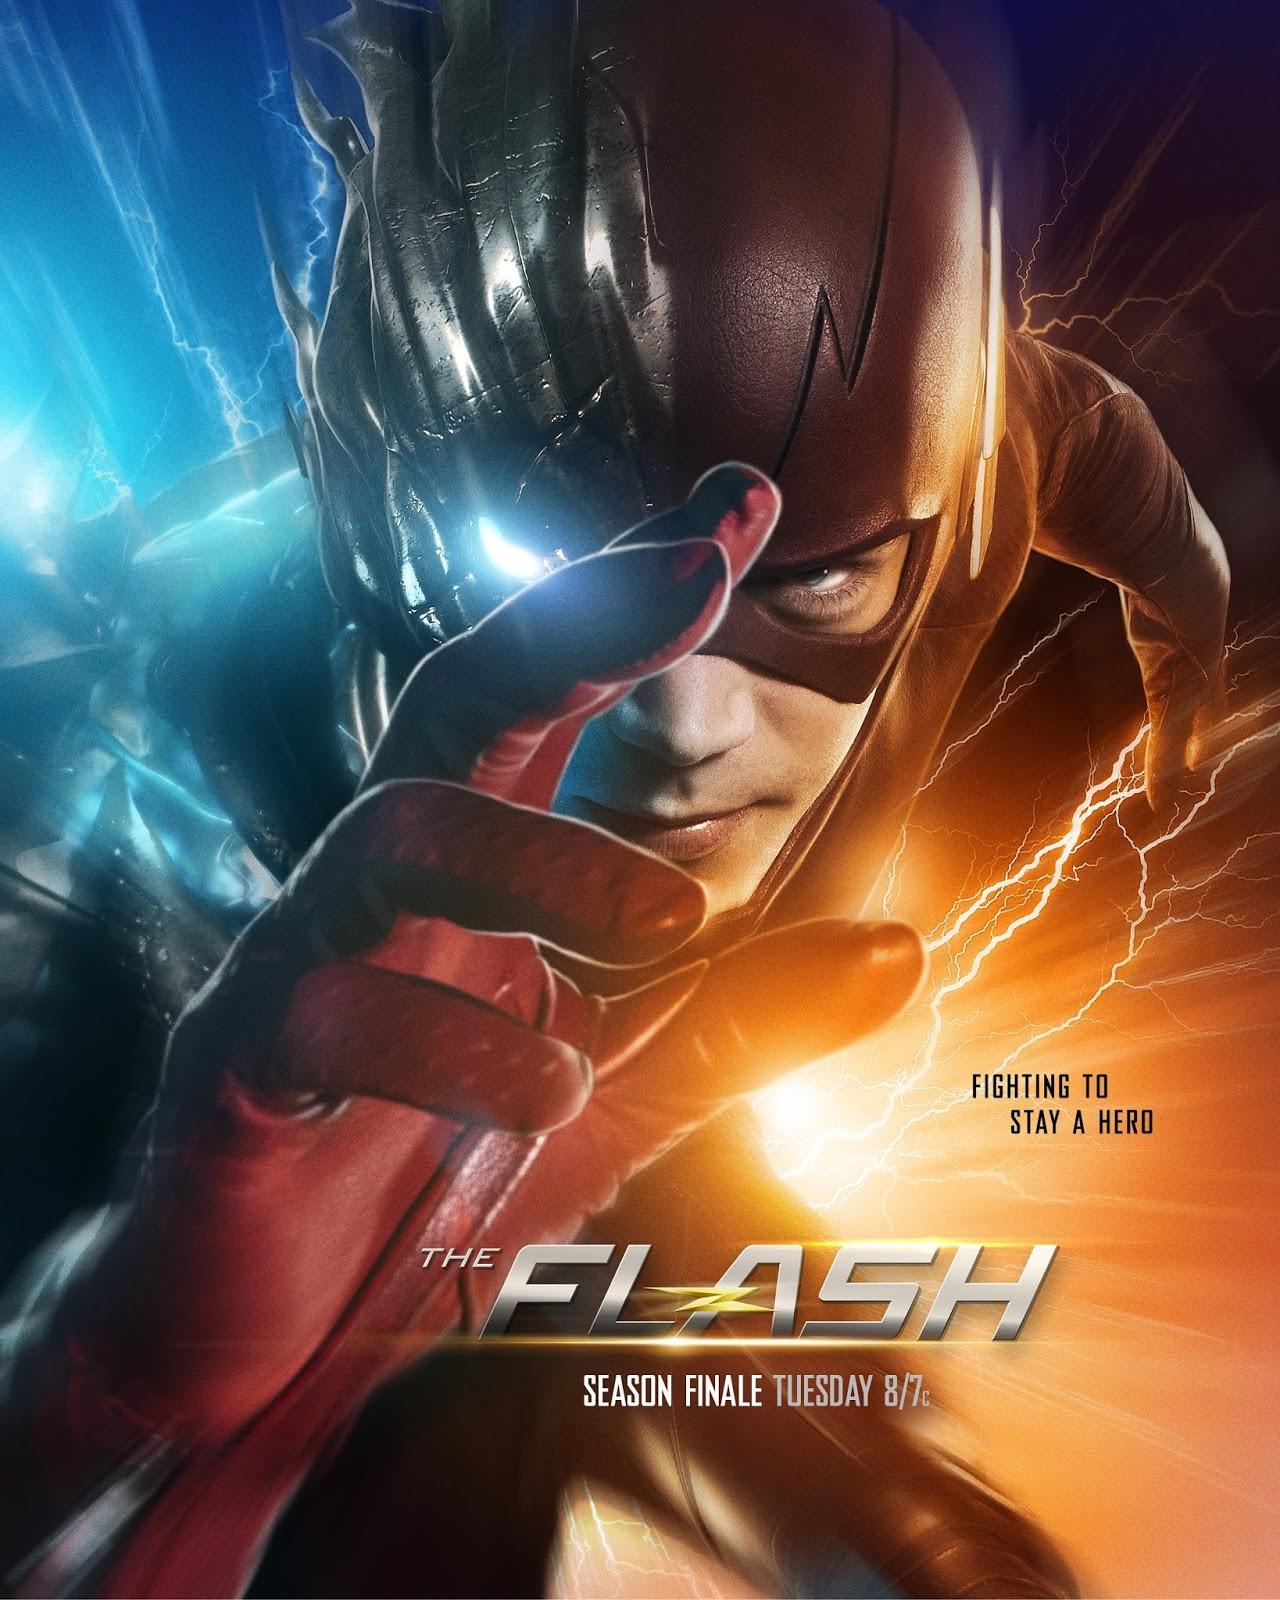 The Flash and Savitar poster